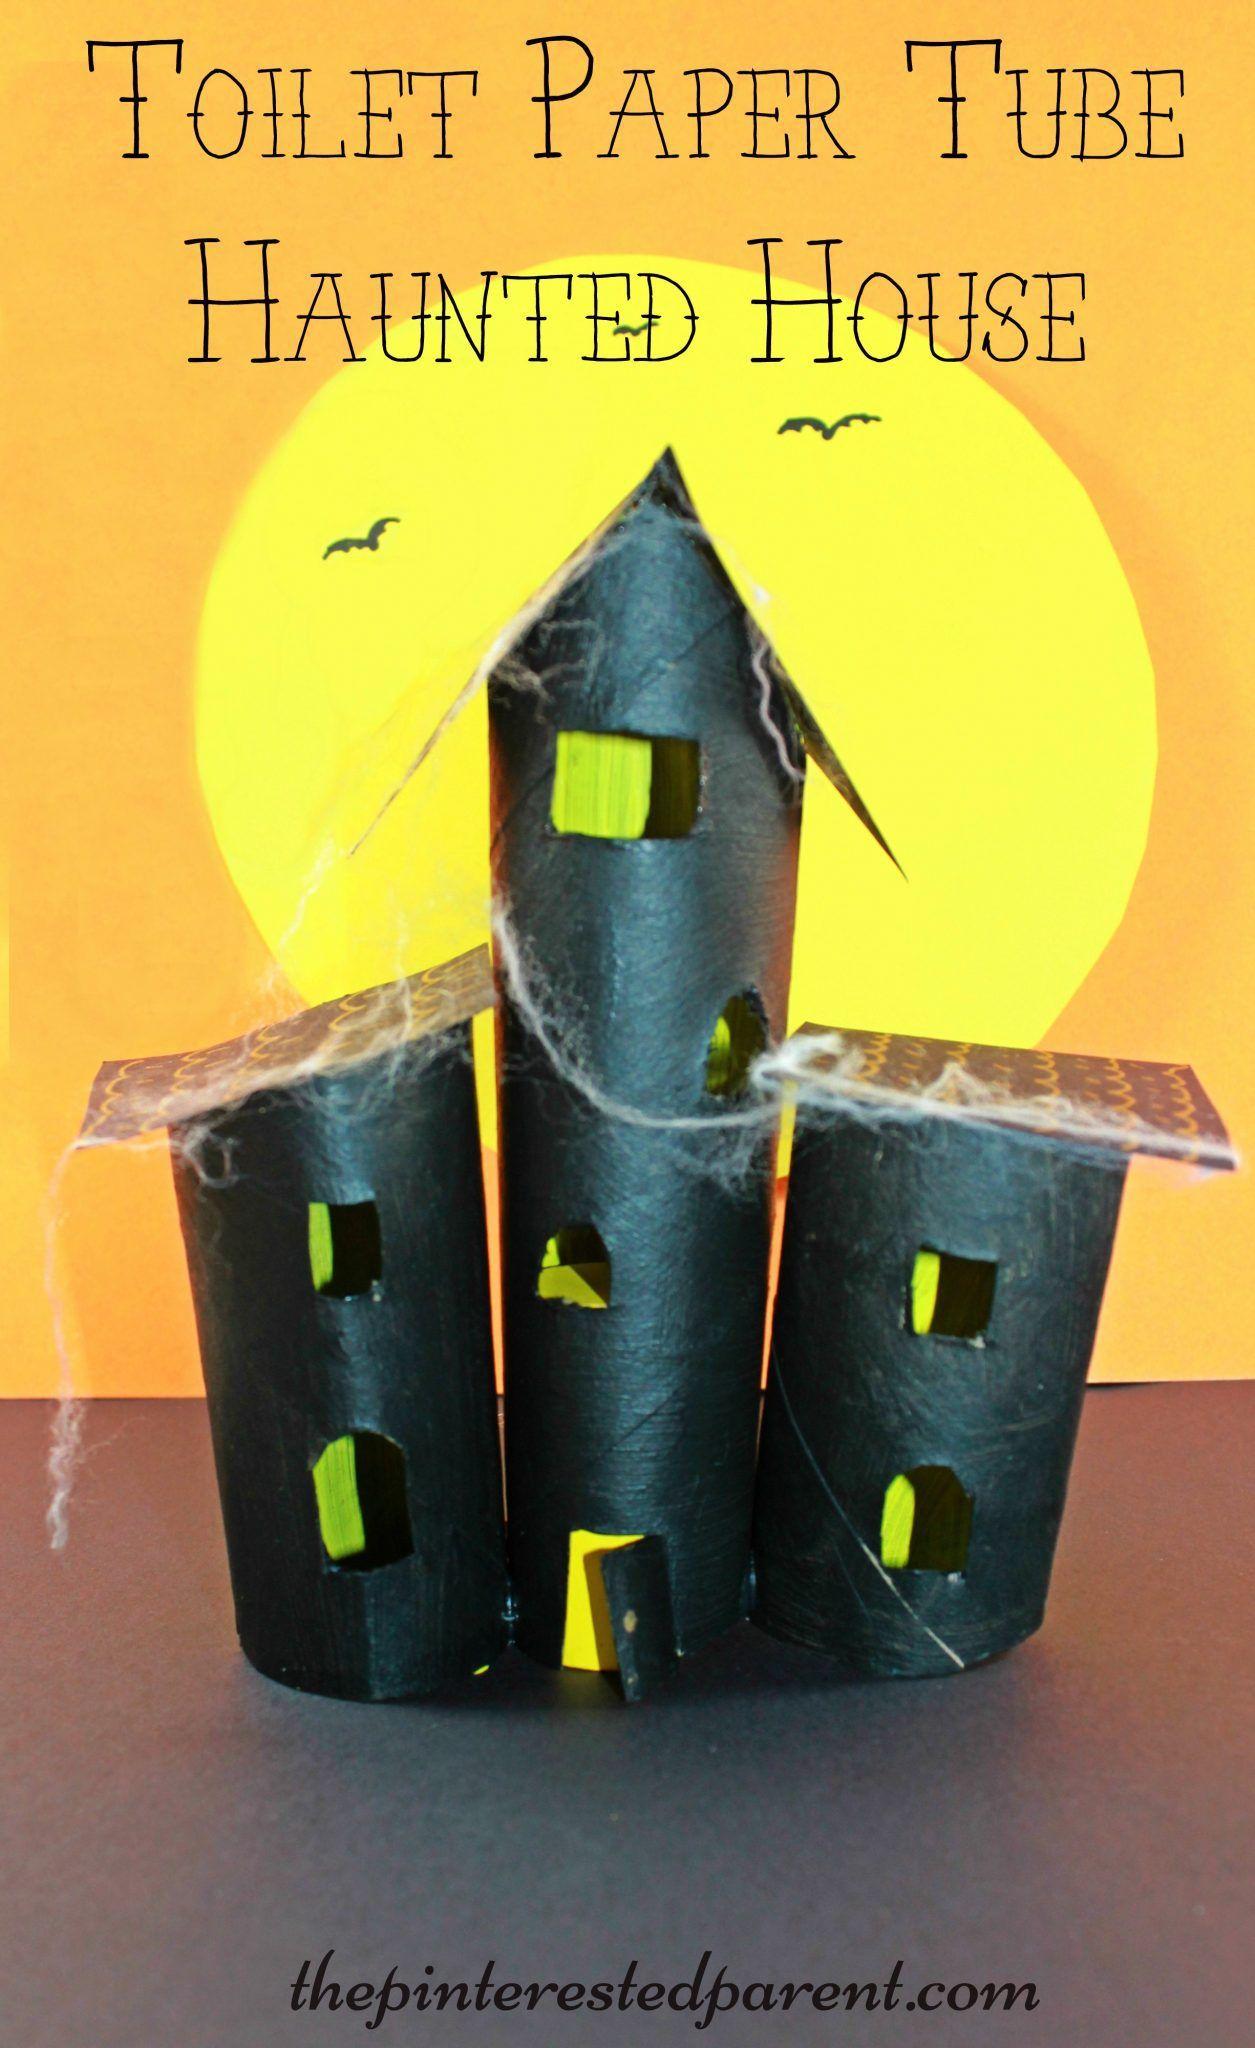 Cardboard Tube Haunted House